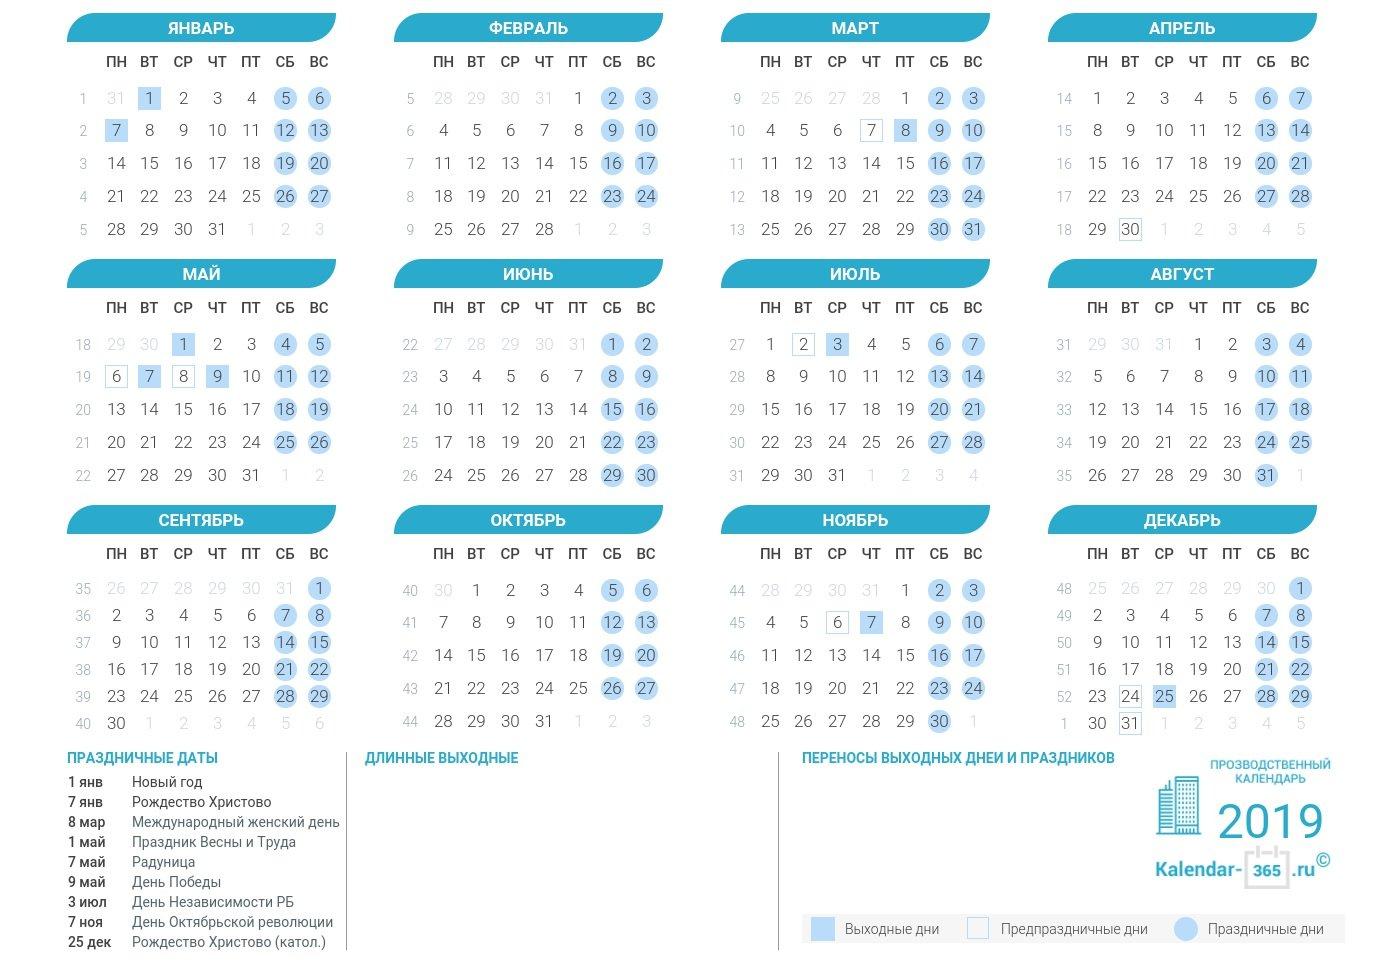 Производственный Календарь Беларуси На 2019 Год Calendar 2019 Trackid=Sp-006